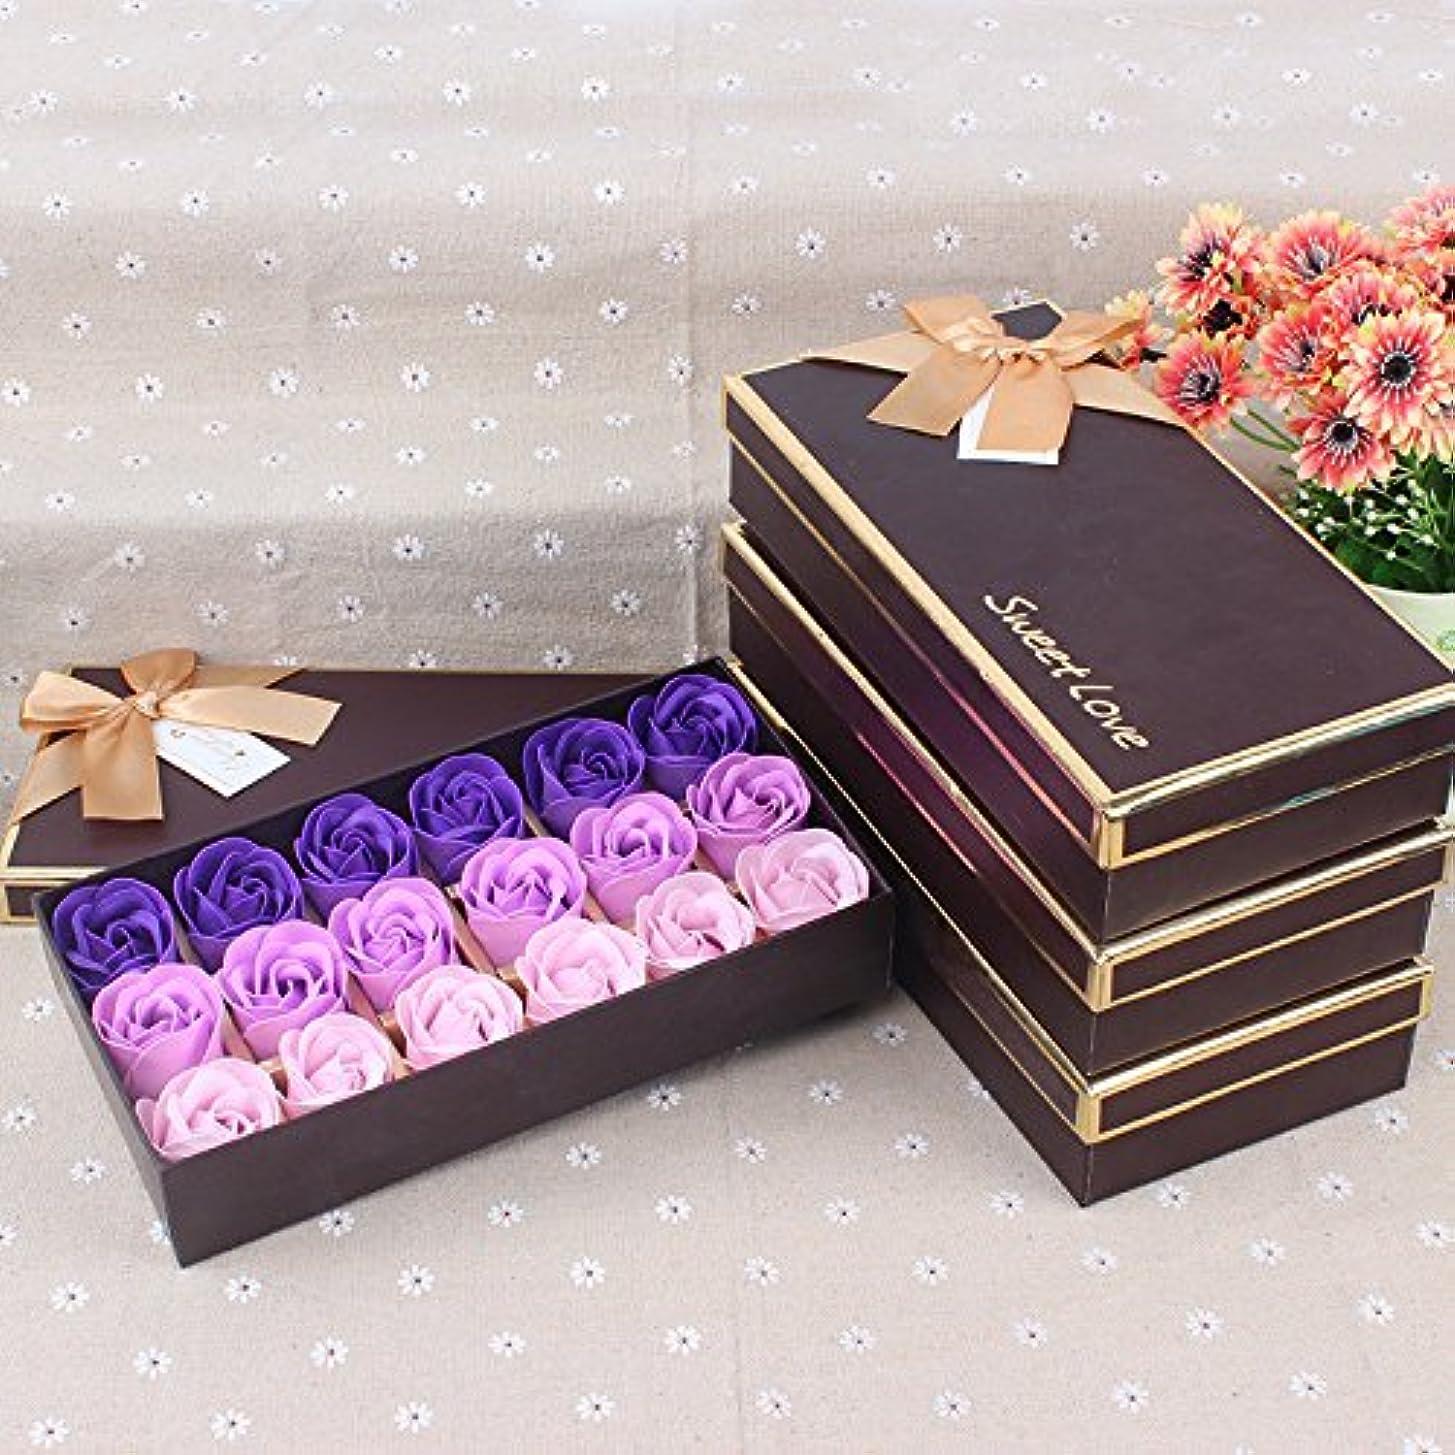 パプアニューギニア嫌がらせ補助金Weryn(TM)結婚式のためのギフトボックスバレンタインデーの愛の贈り物で18バラセット香りの入浴ソープローズソープ花びら[Purplegradient]